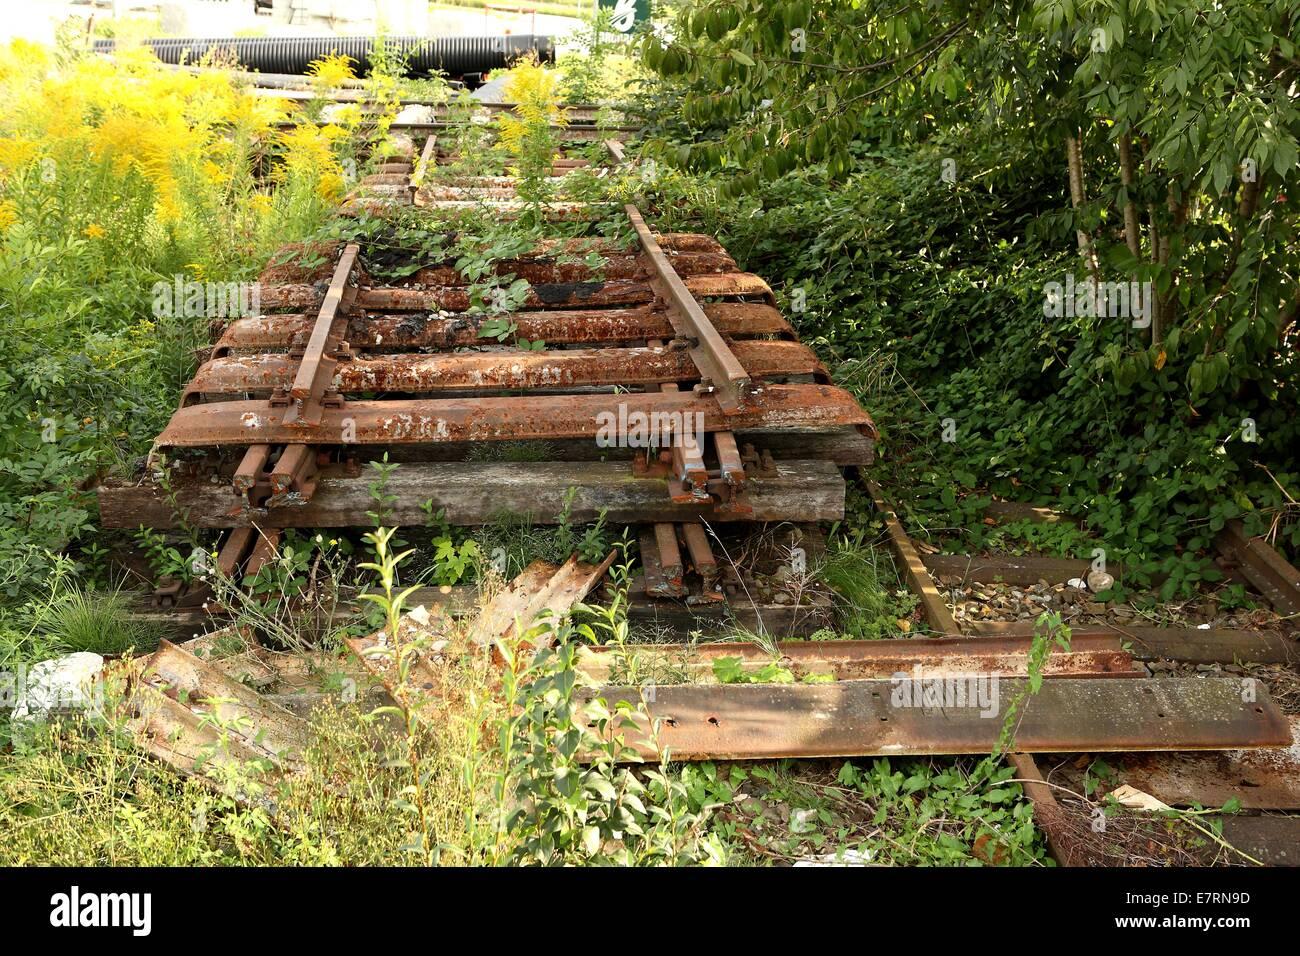 Faule Bahngleise im grünen, Reutlingen, Deutschland, 2. September 2010. Stockbild